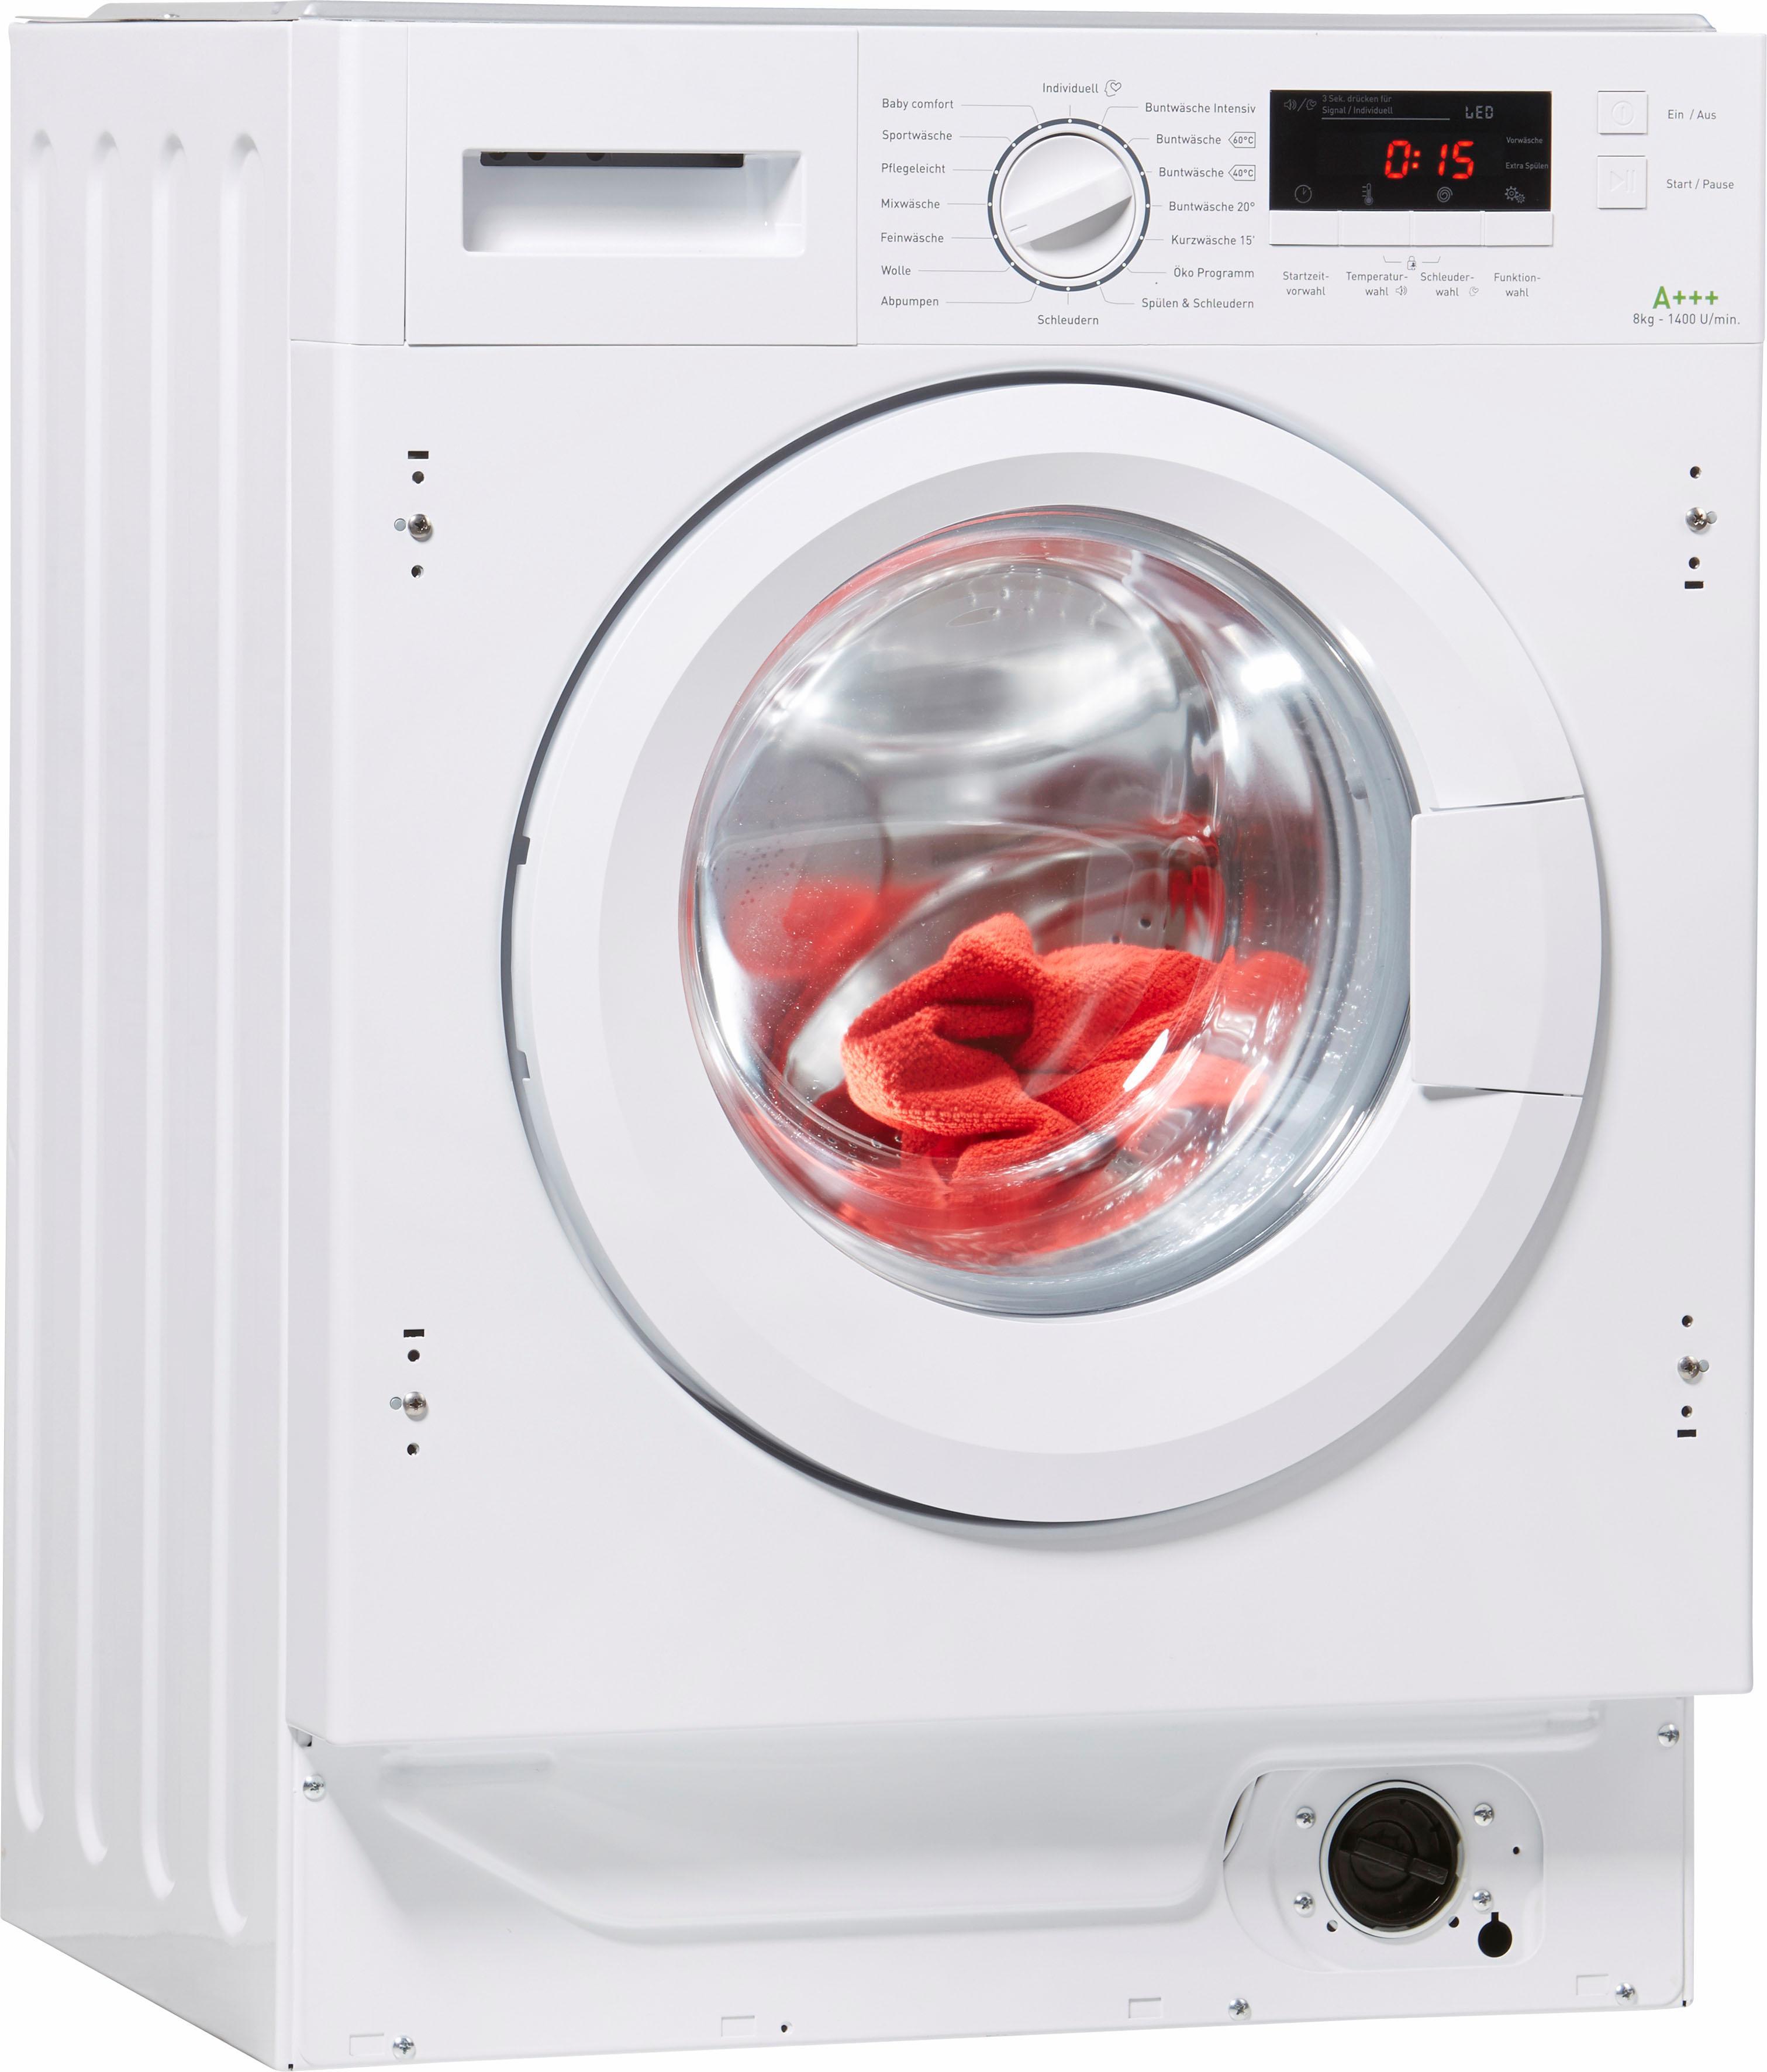 Amica Einbauwaschmaschine EWA 34657 W EEK A+++ weiß Waschmaschinen Haushaltsgeräte Waschmaschine